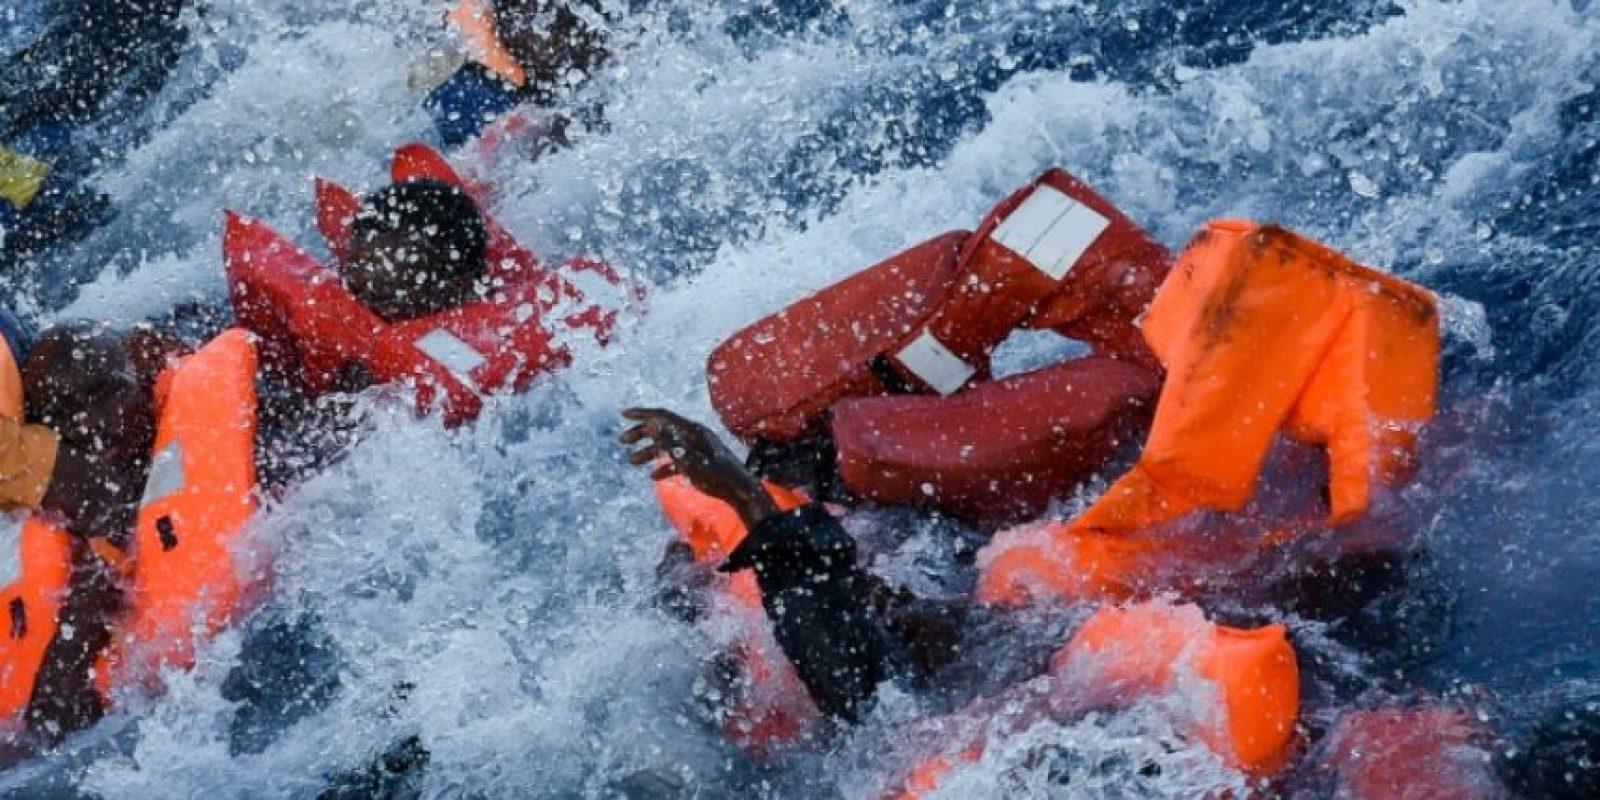 Migrantes y refugiados caen al agua durante un operativo de rescate el 3 de noviembre de 2016 en el Mediterráneo Foto:ANDREAS SOLARO/afp.com